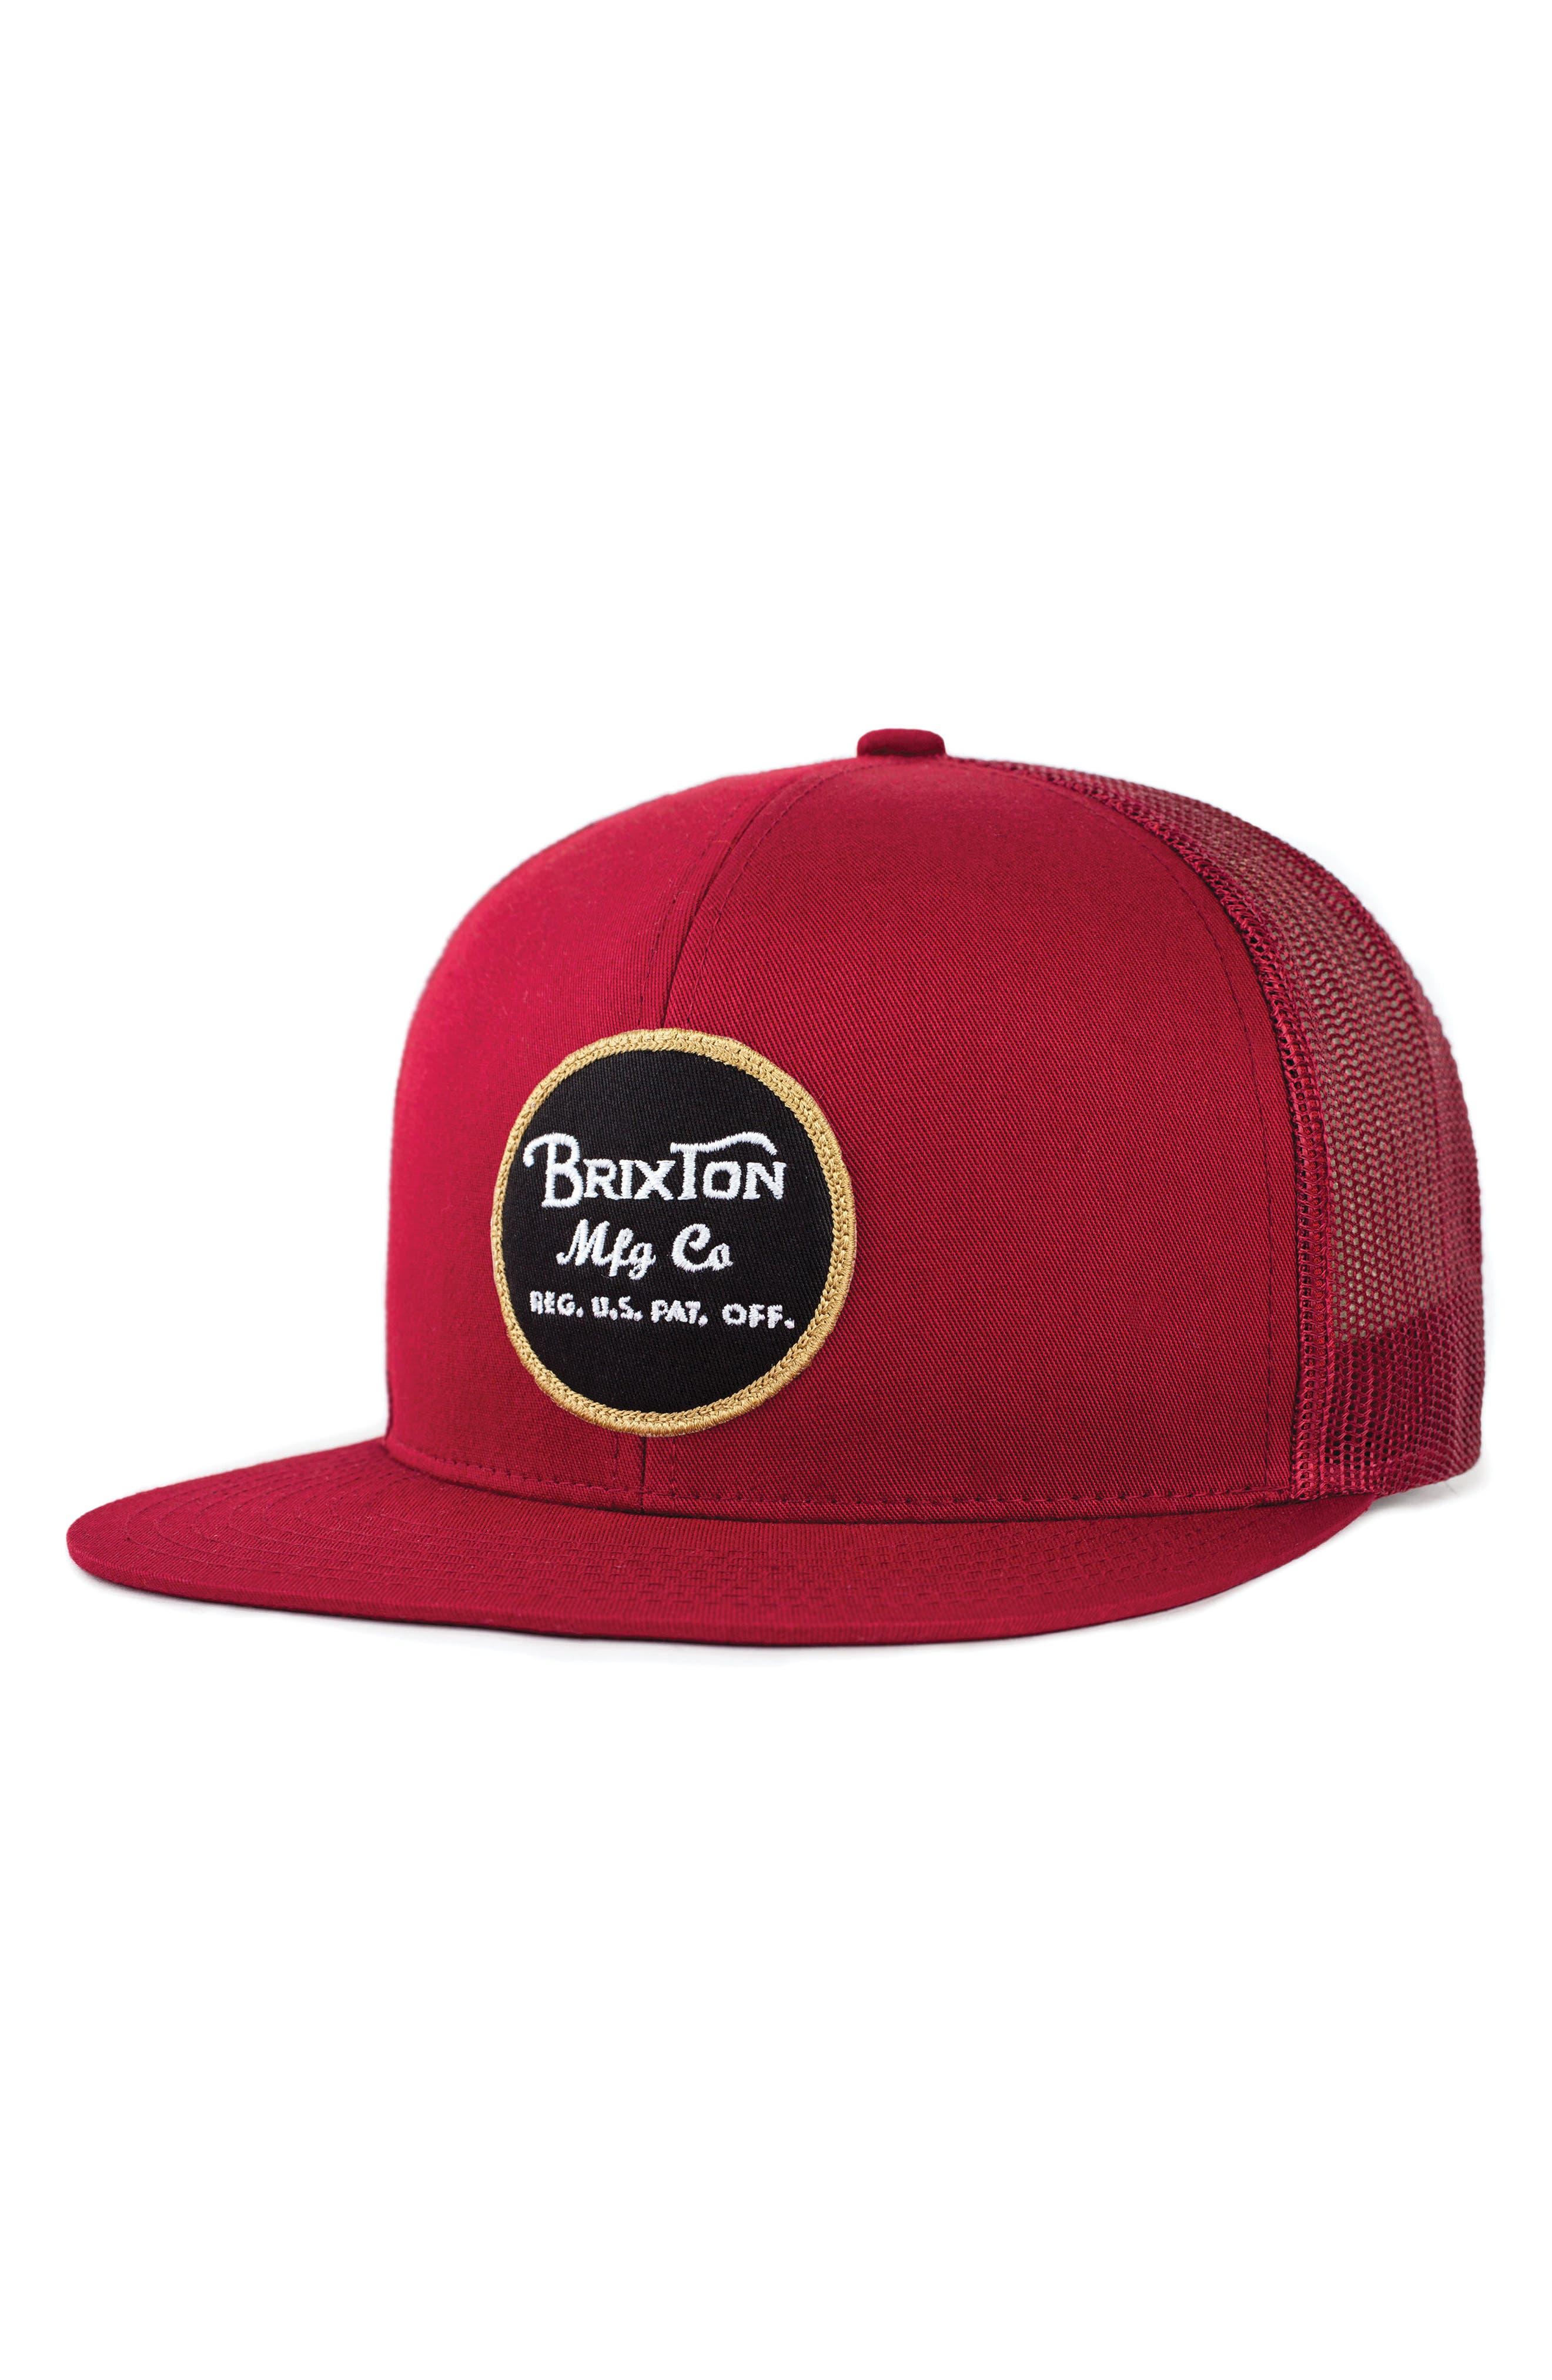 Brixton 'Brood' Snapback Cap